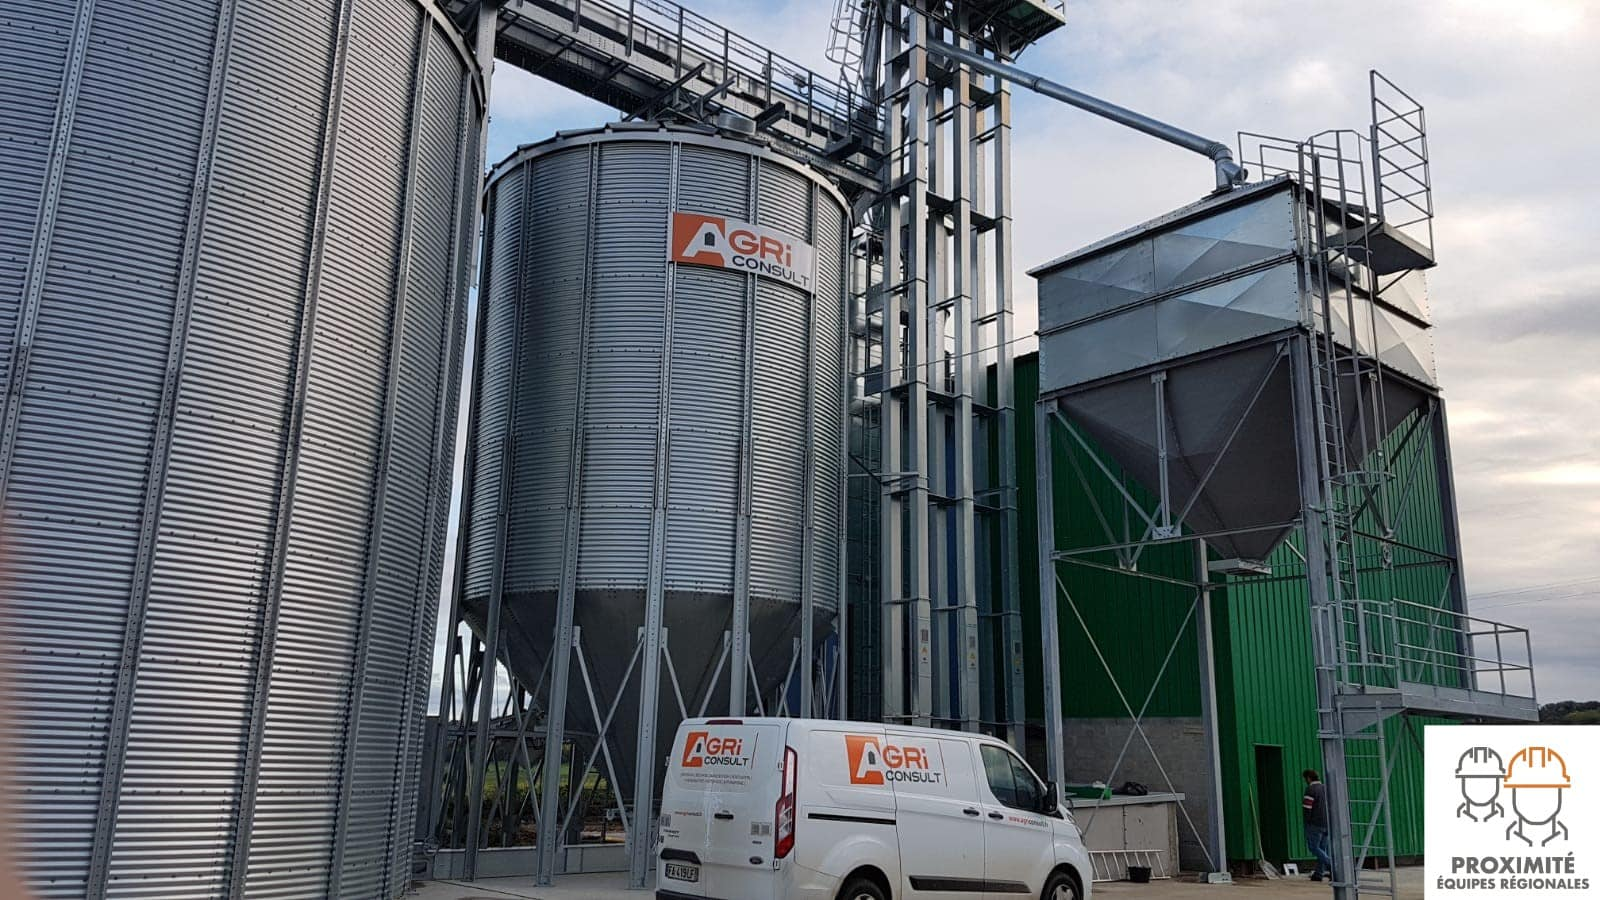 camion sav agriconsult garé devant un silo à grain fond conique des élévateurs et un boisseau